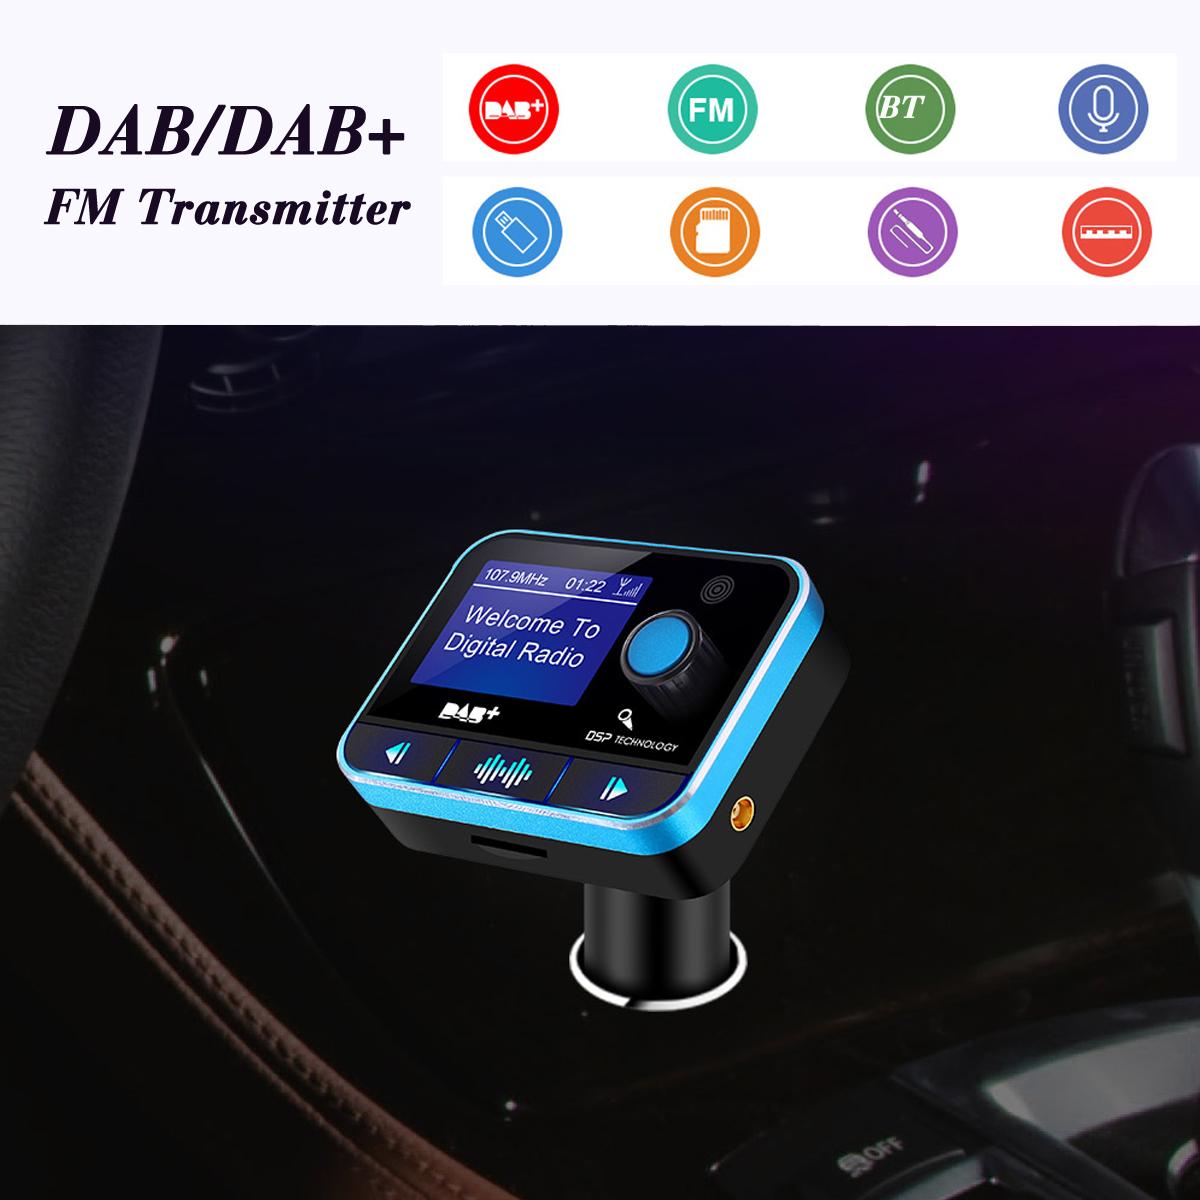 Car bluetooth Handsfree DAB Digital Radio U Disk TF card AUX RDS with USB Charging Port